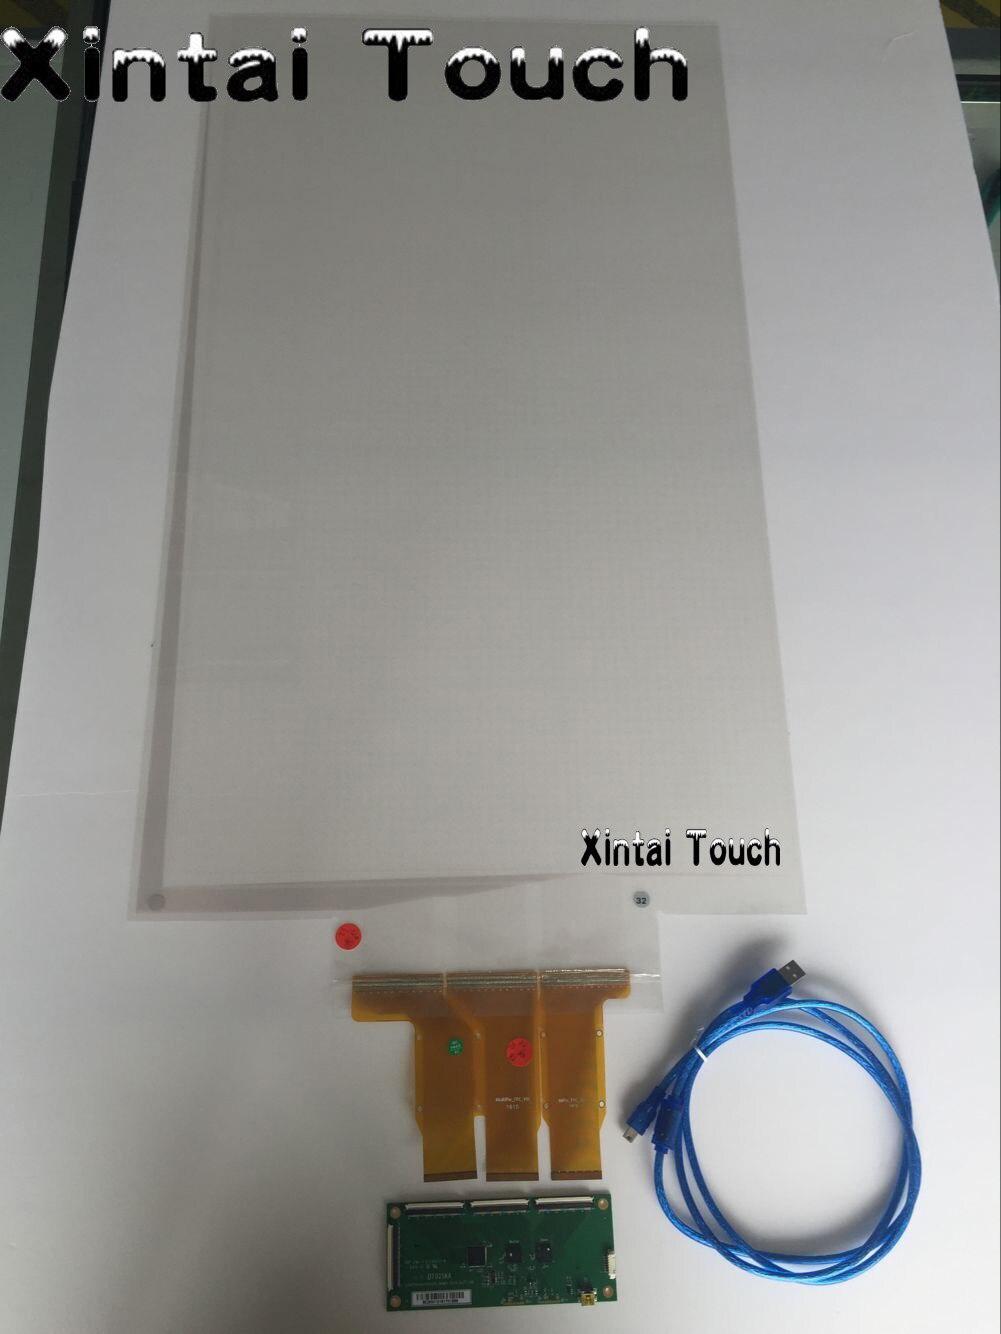 10 сенсорных точек 55 usb интерактивная сенсорная пленка из фольги, тонкая и легкая